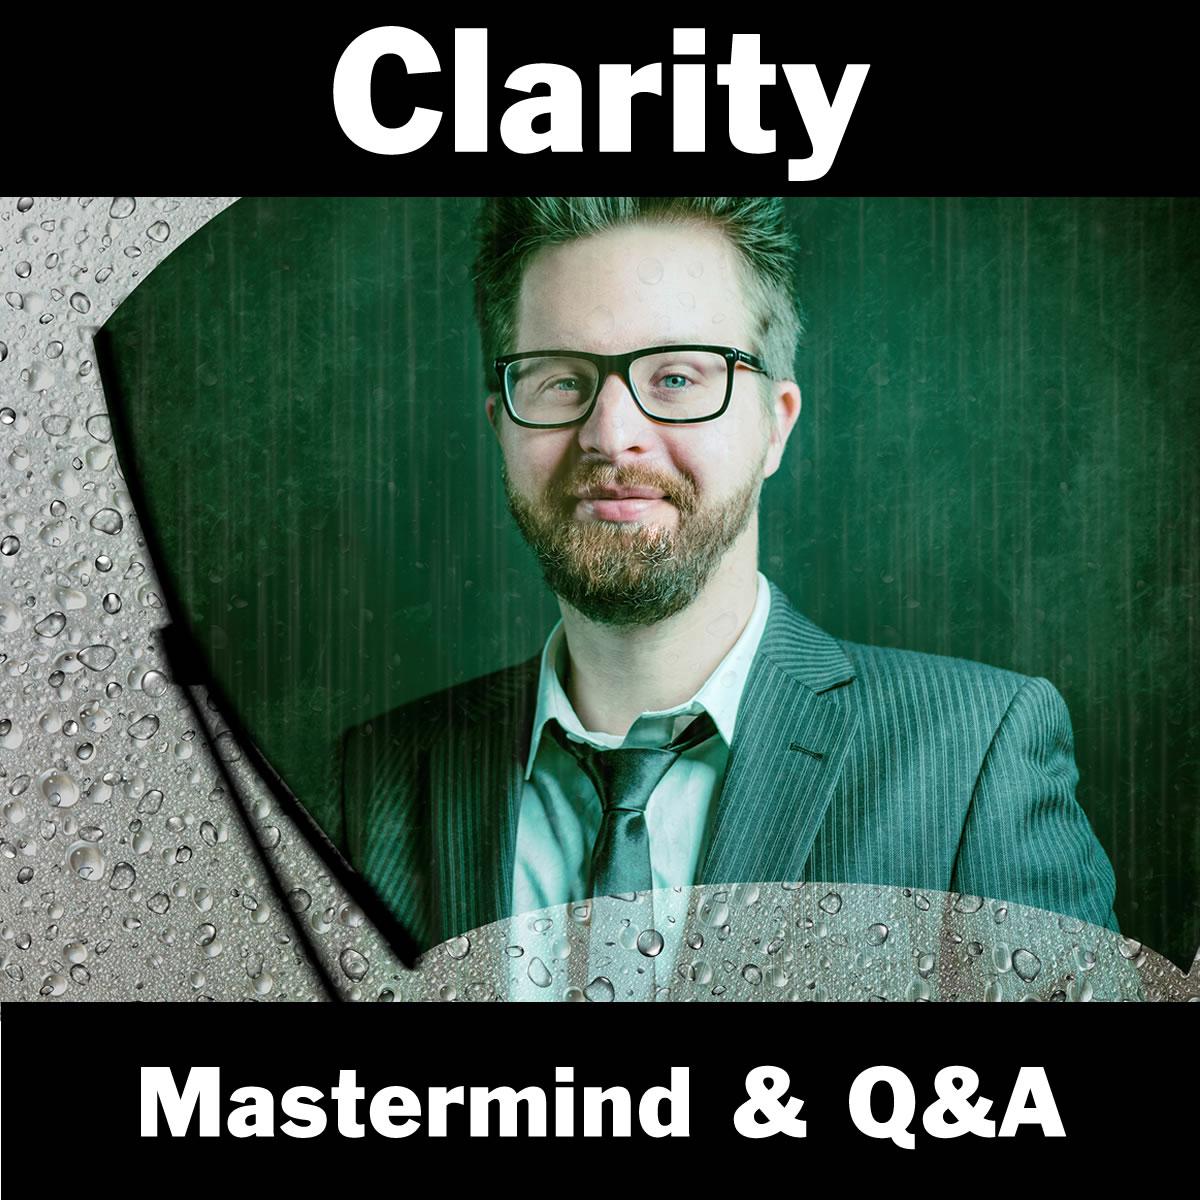 Mastermind Graphic 2